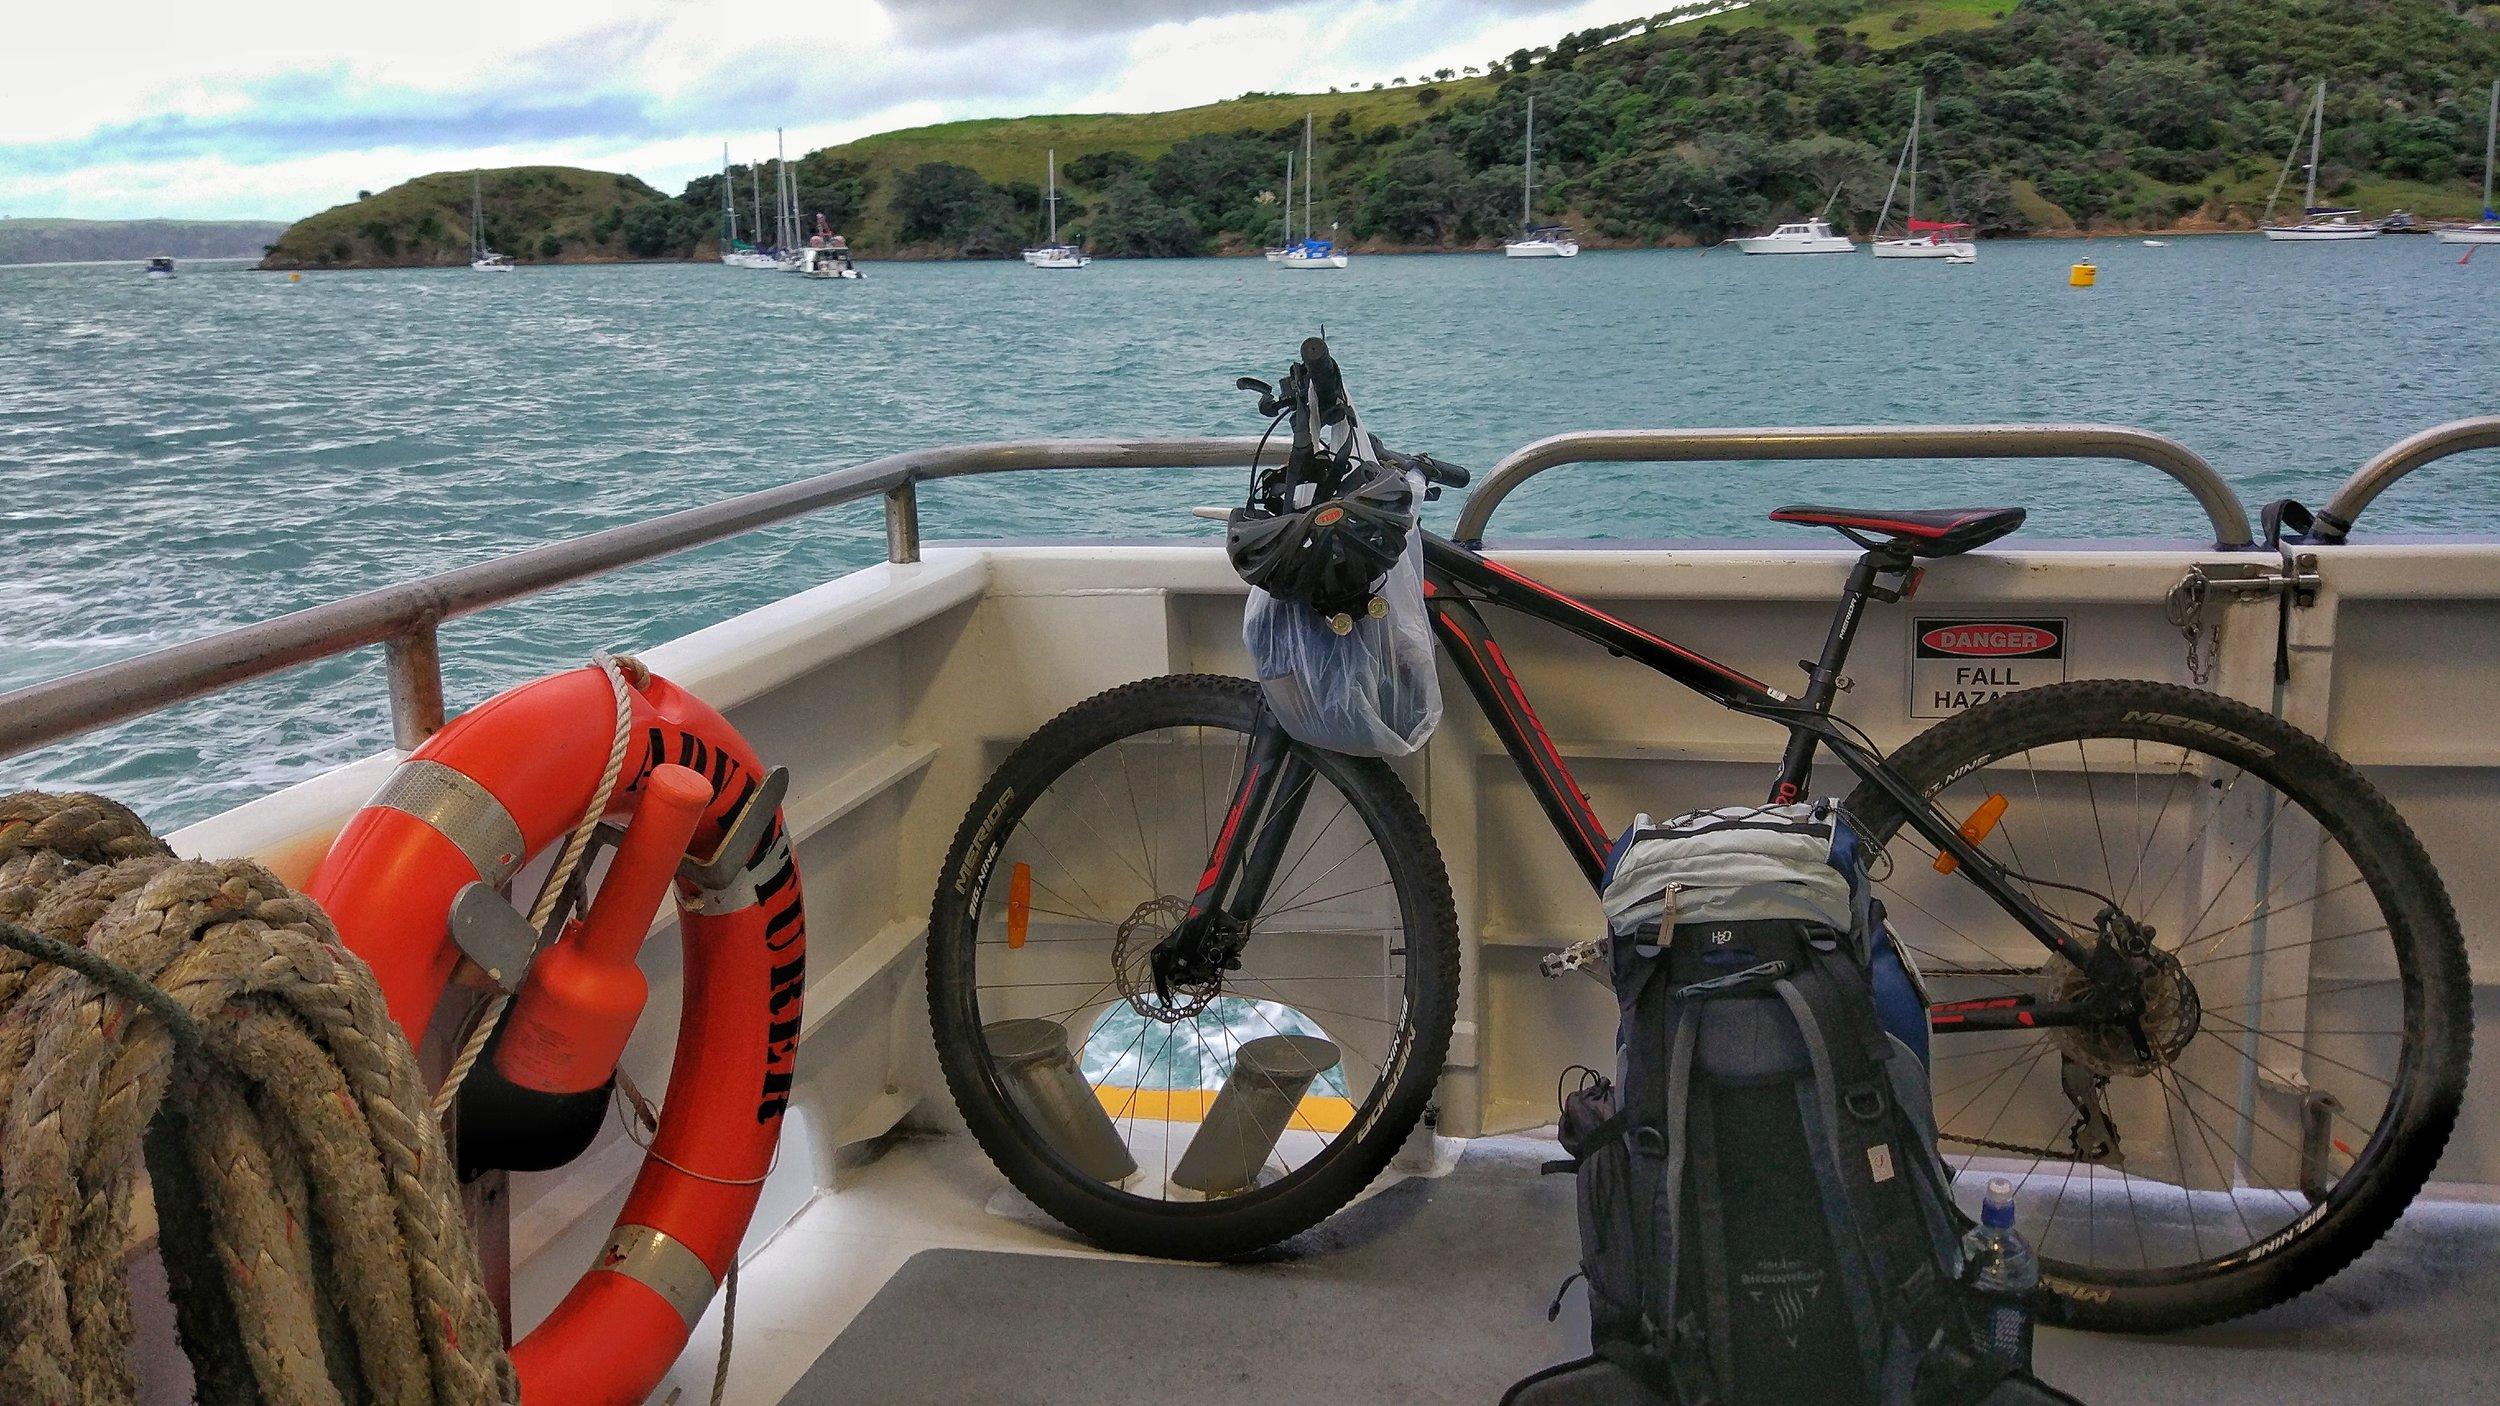 Bikes ride free on the waiheke ferry